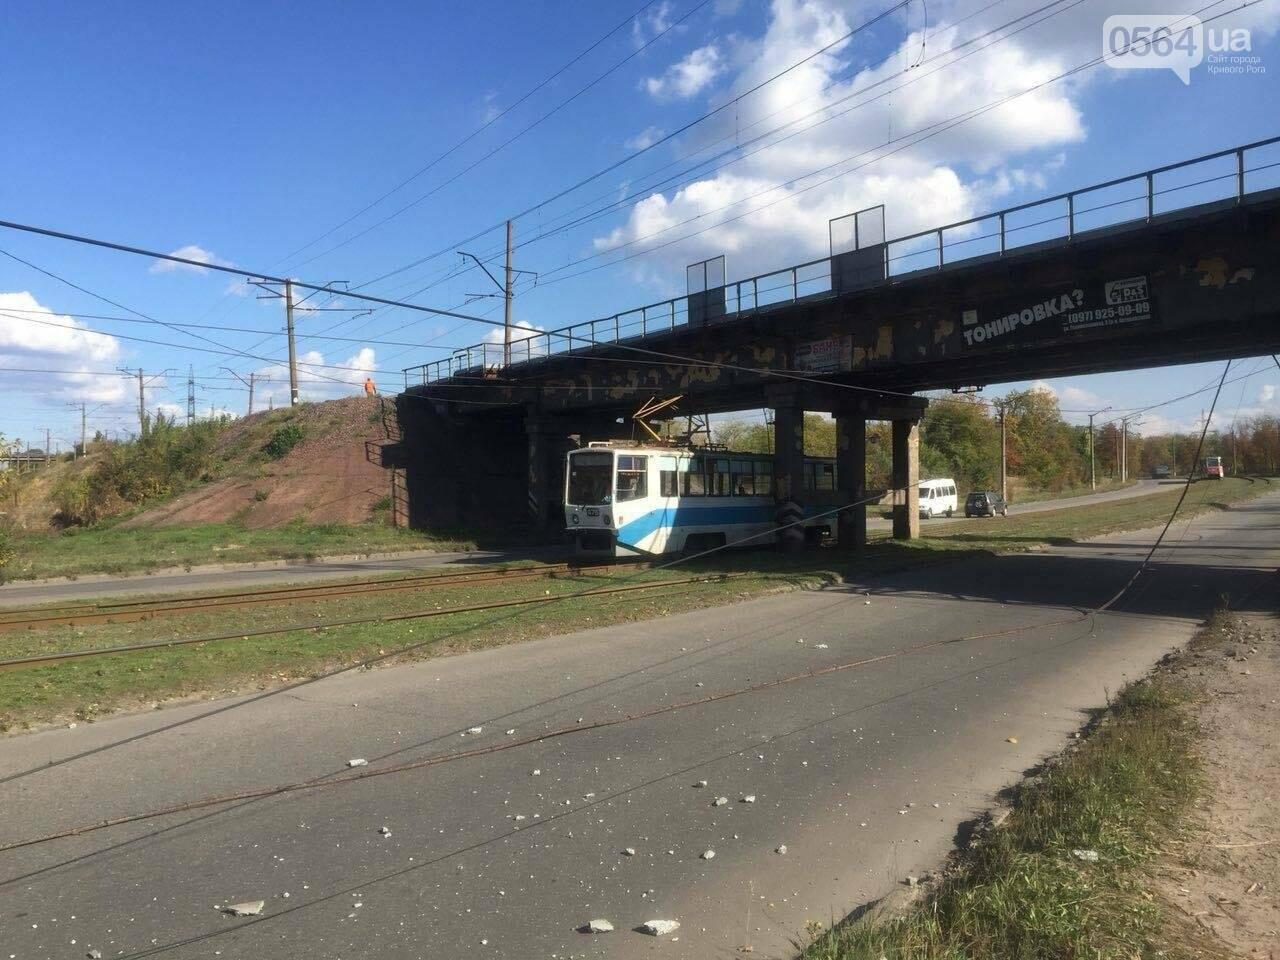 В Кривом Роге перевернулась маршрутка с пассажирами. Есть пострадавшие (ФОТО), фото-5